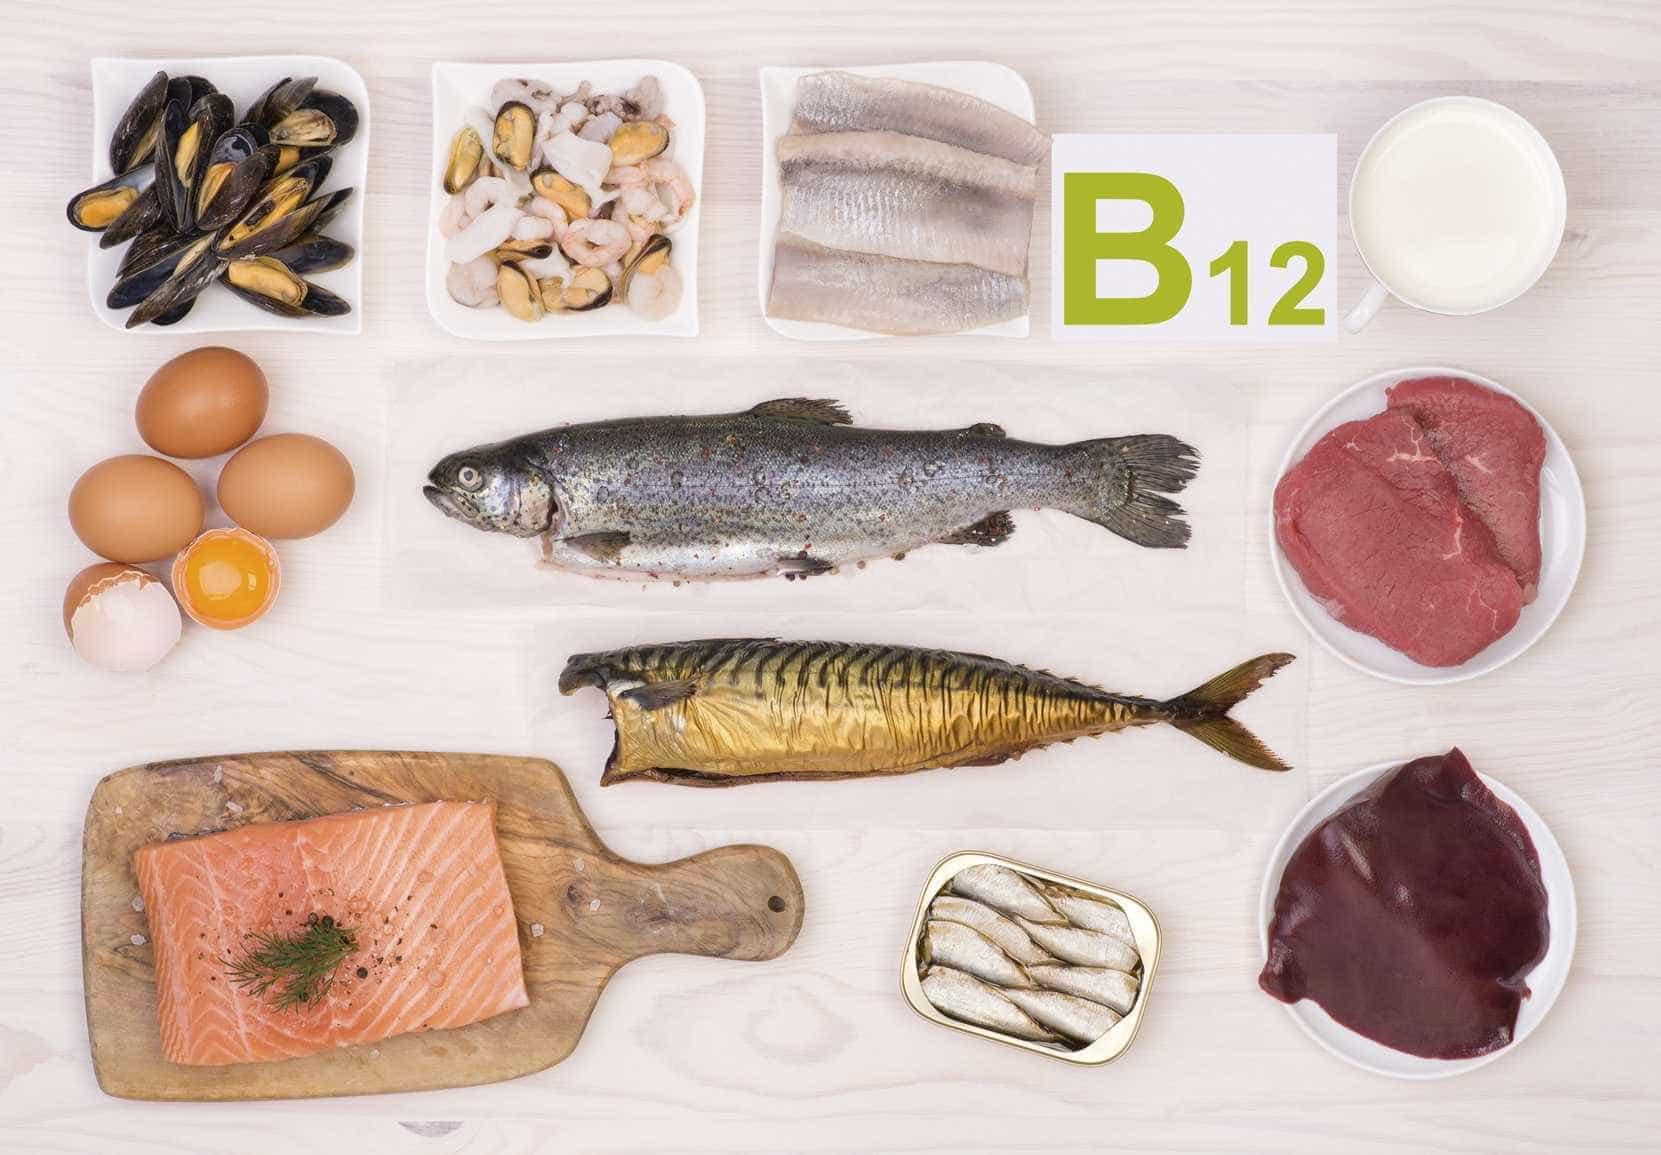 Saiba mais sobre a vitamina B12 e por que precisamos consumi-la